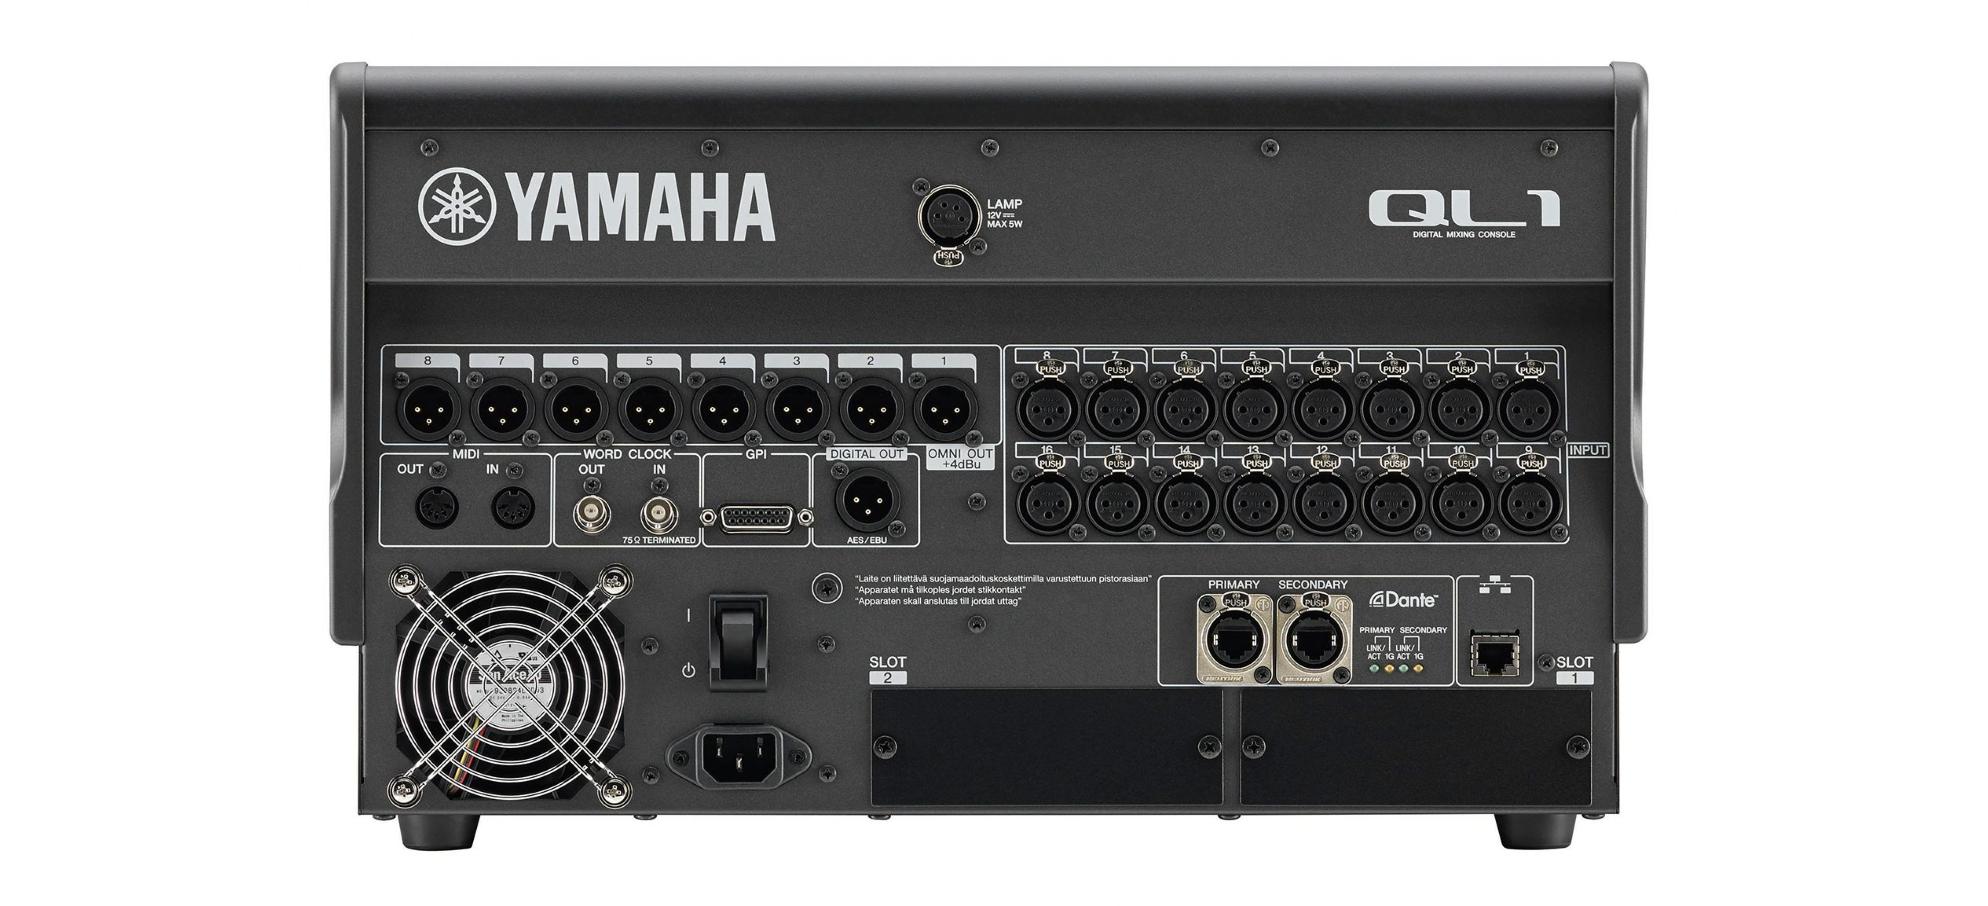 YAMAHA 16chデジタルミキサー(QL1)